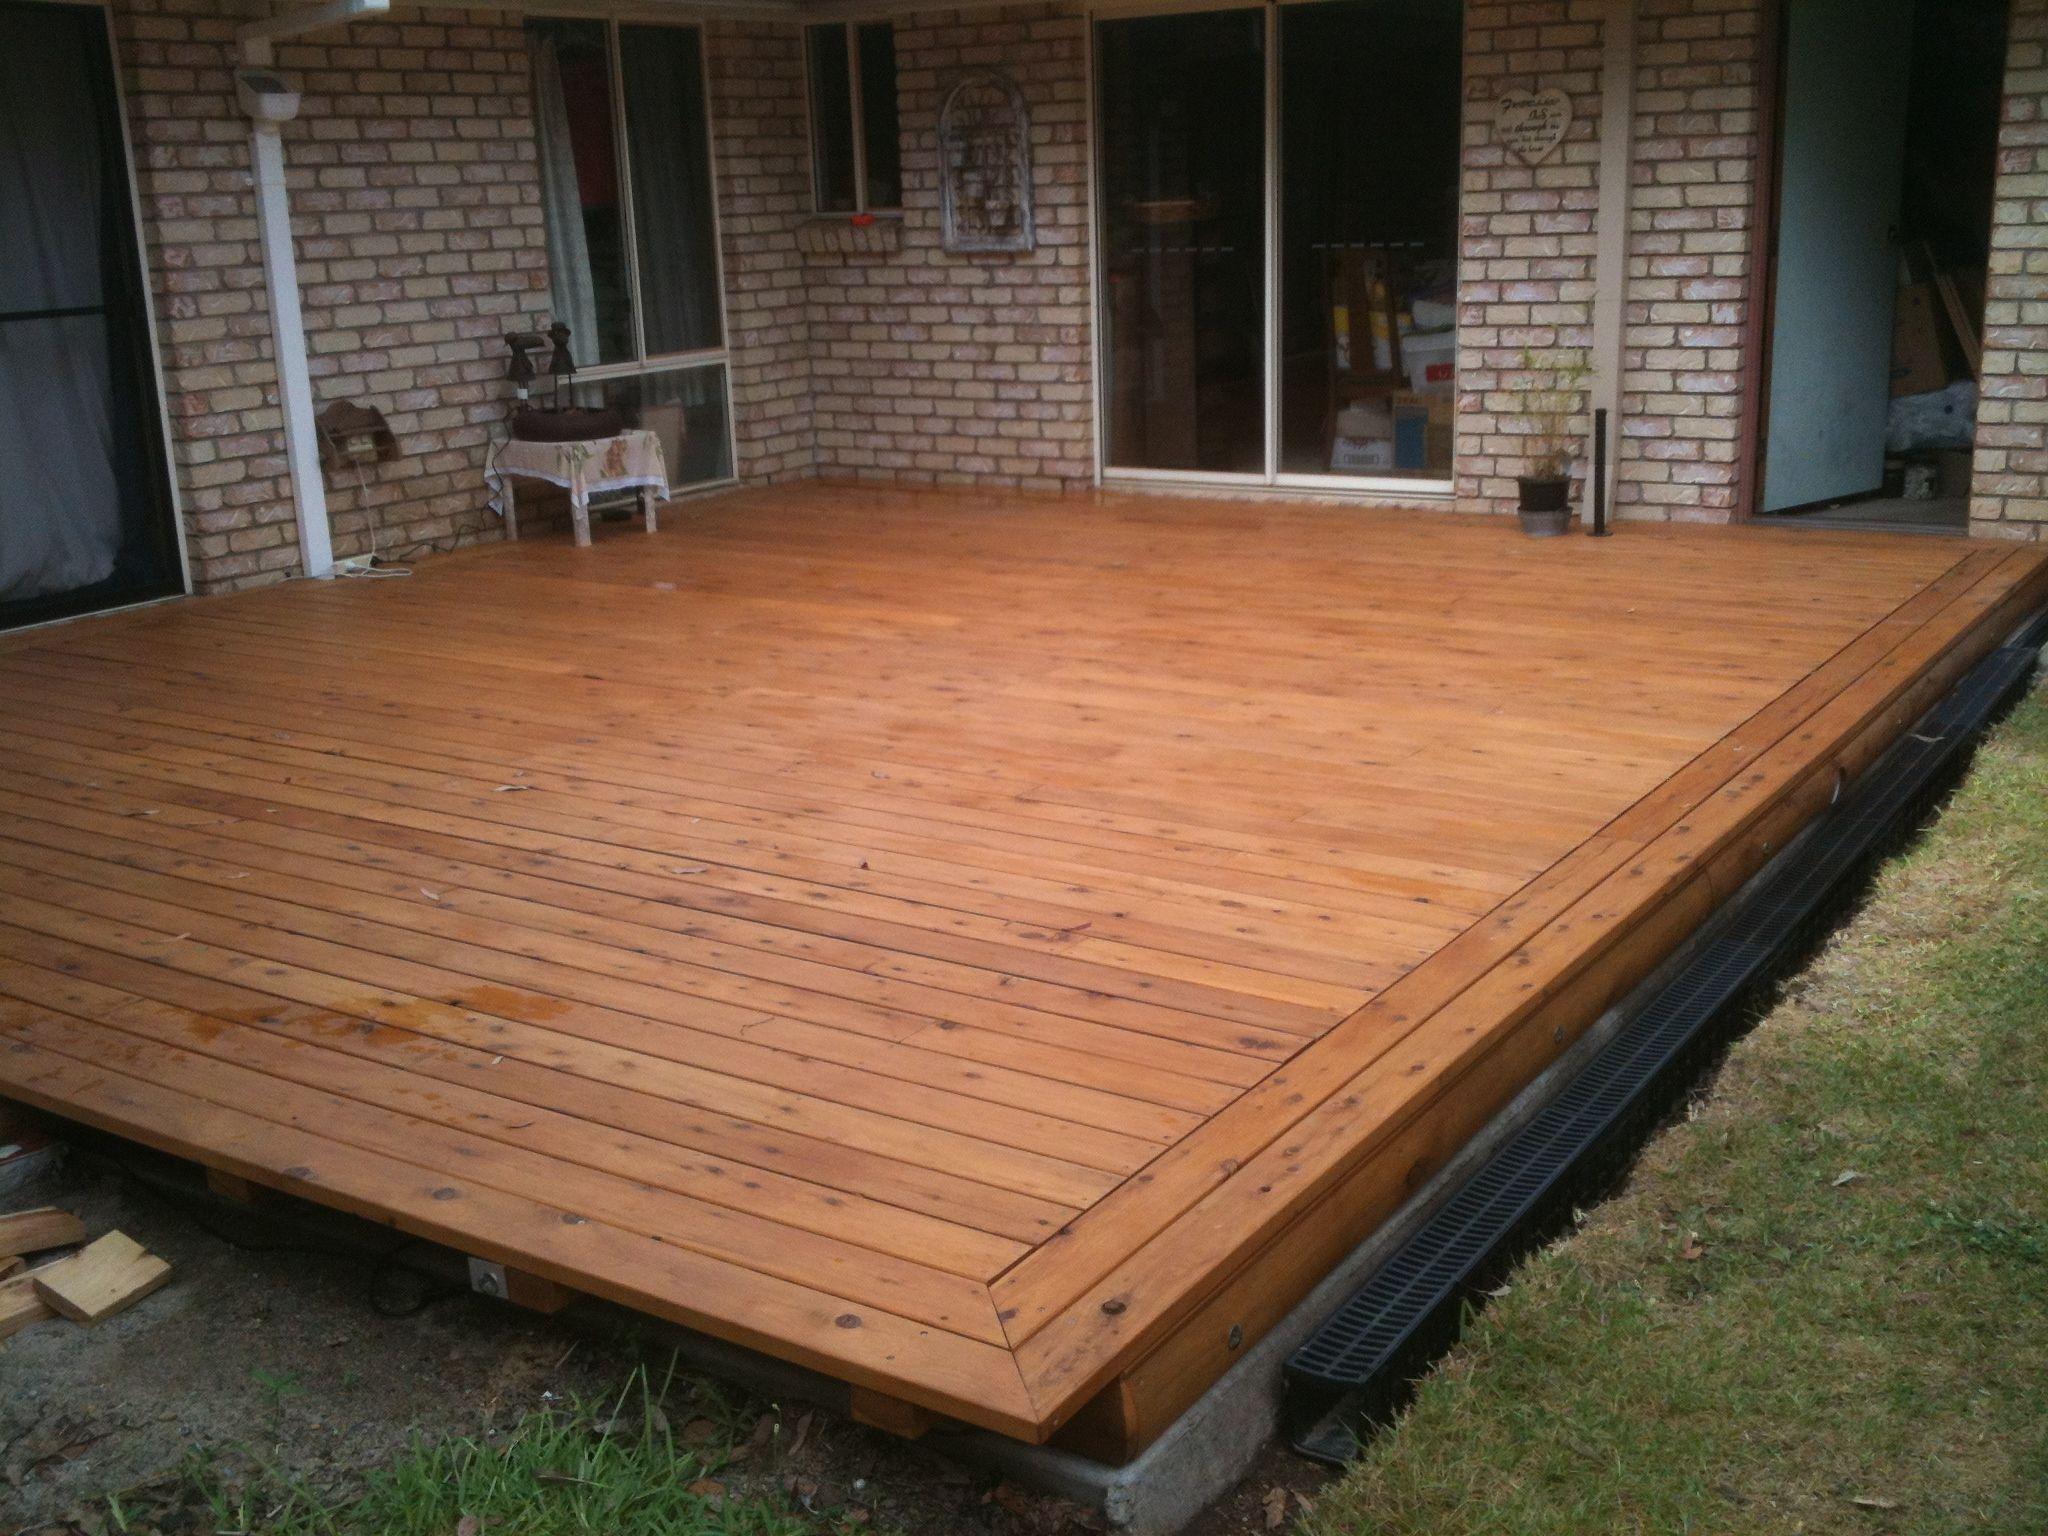 Cypress decking on a concrete slab | Porch/Bathroom Ideas ...